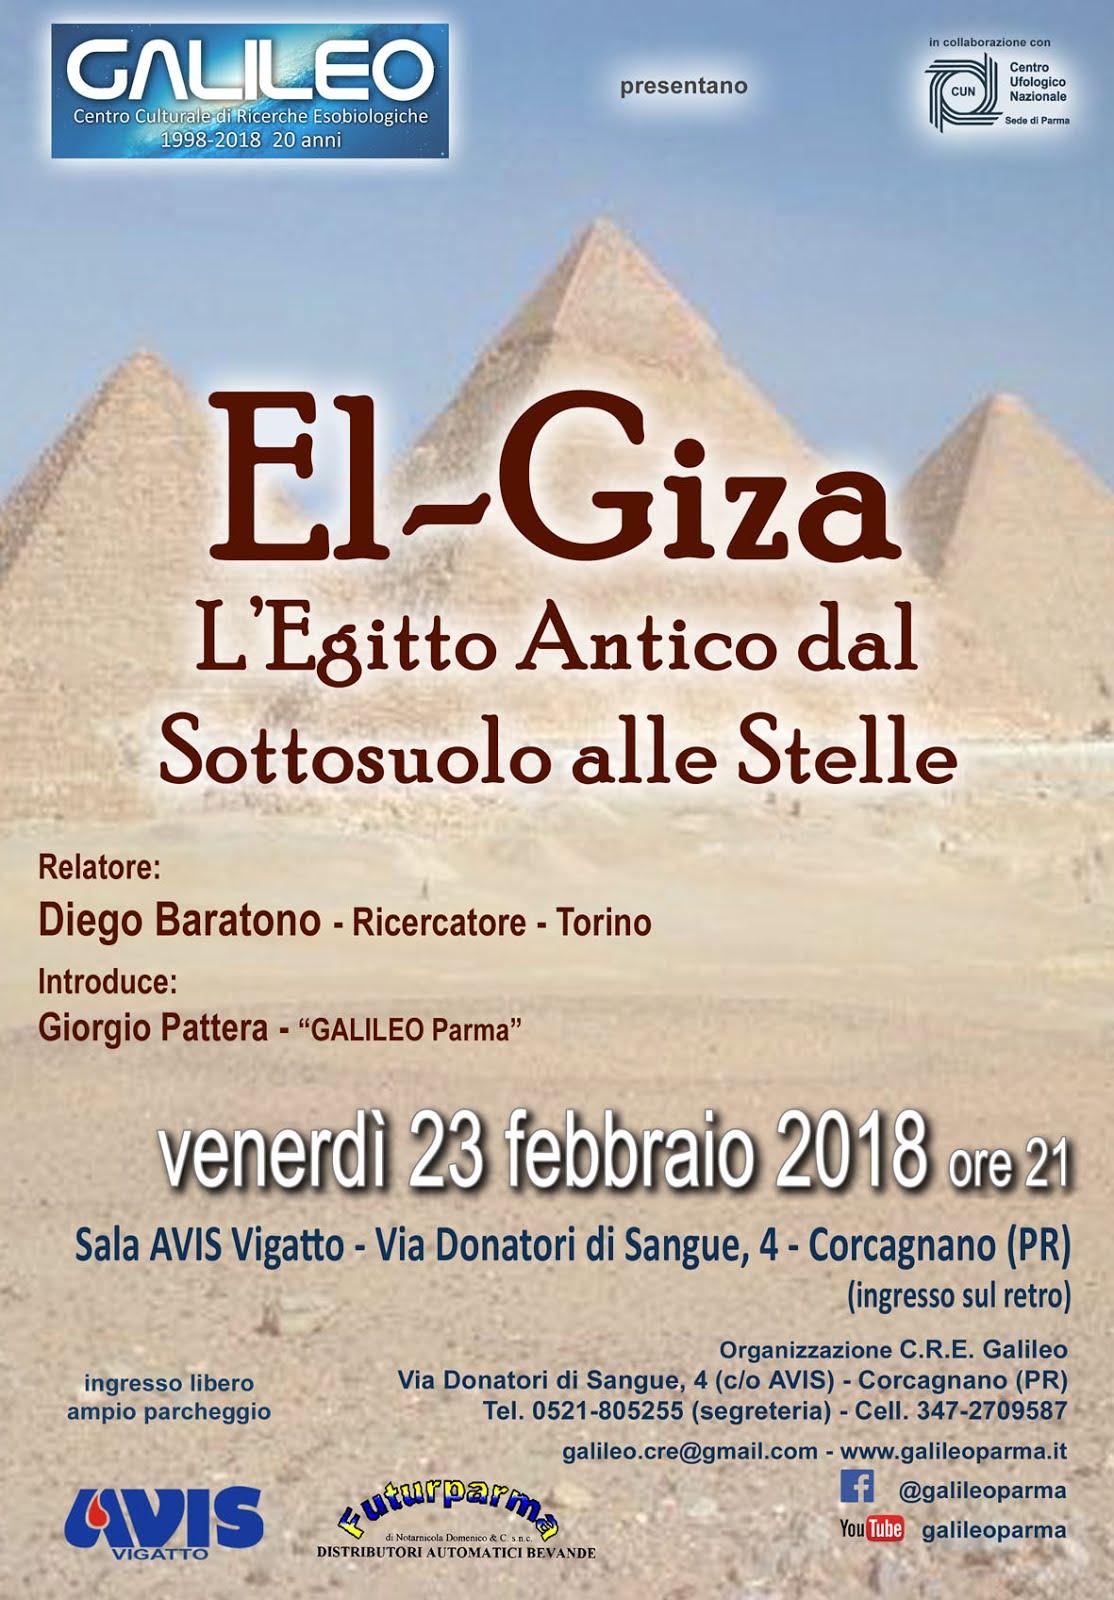 23 FEBBRAIO 2018 - EL - GIZA: L'ANTICO EGITTO DAL SOTTOSUOLO ALLE STELLE